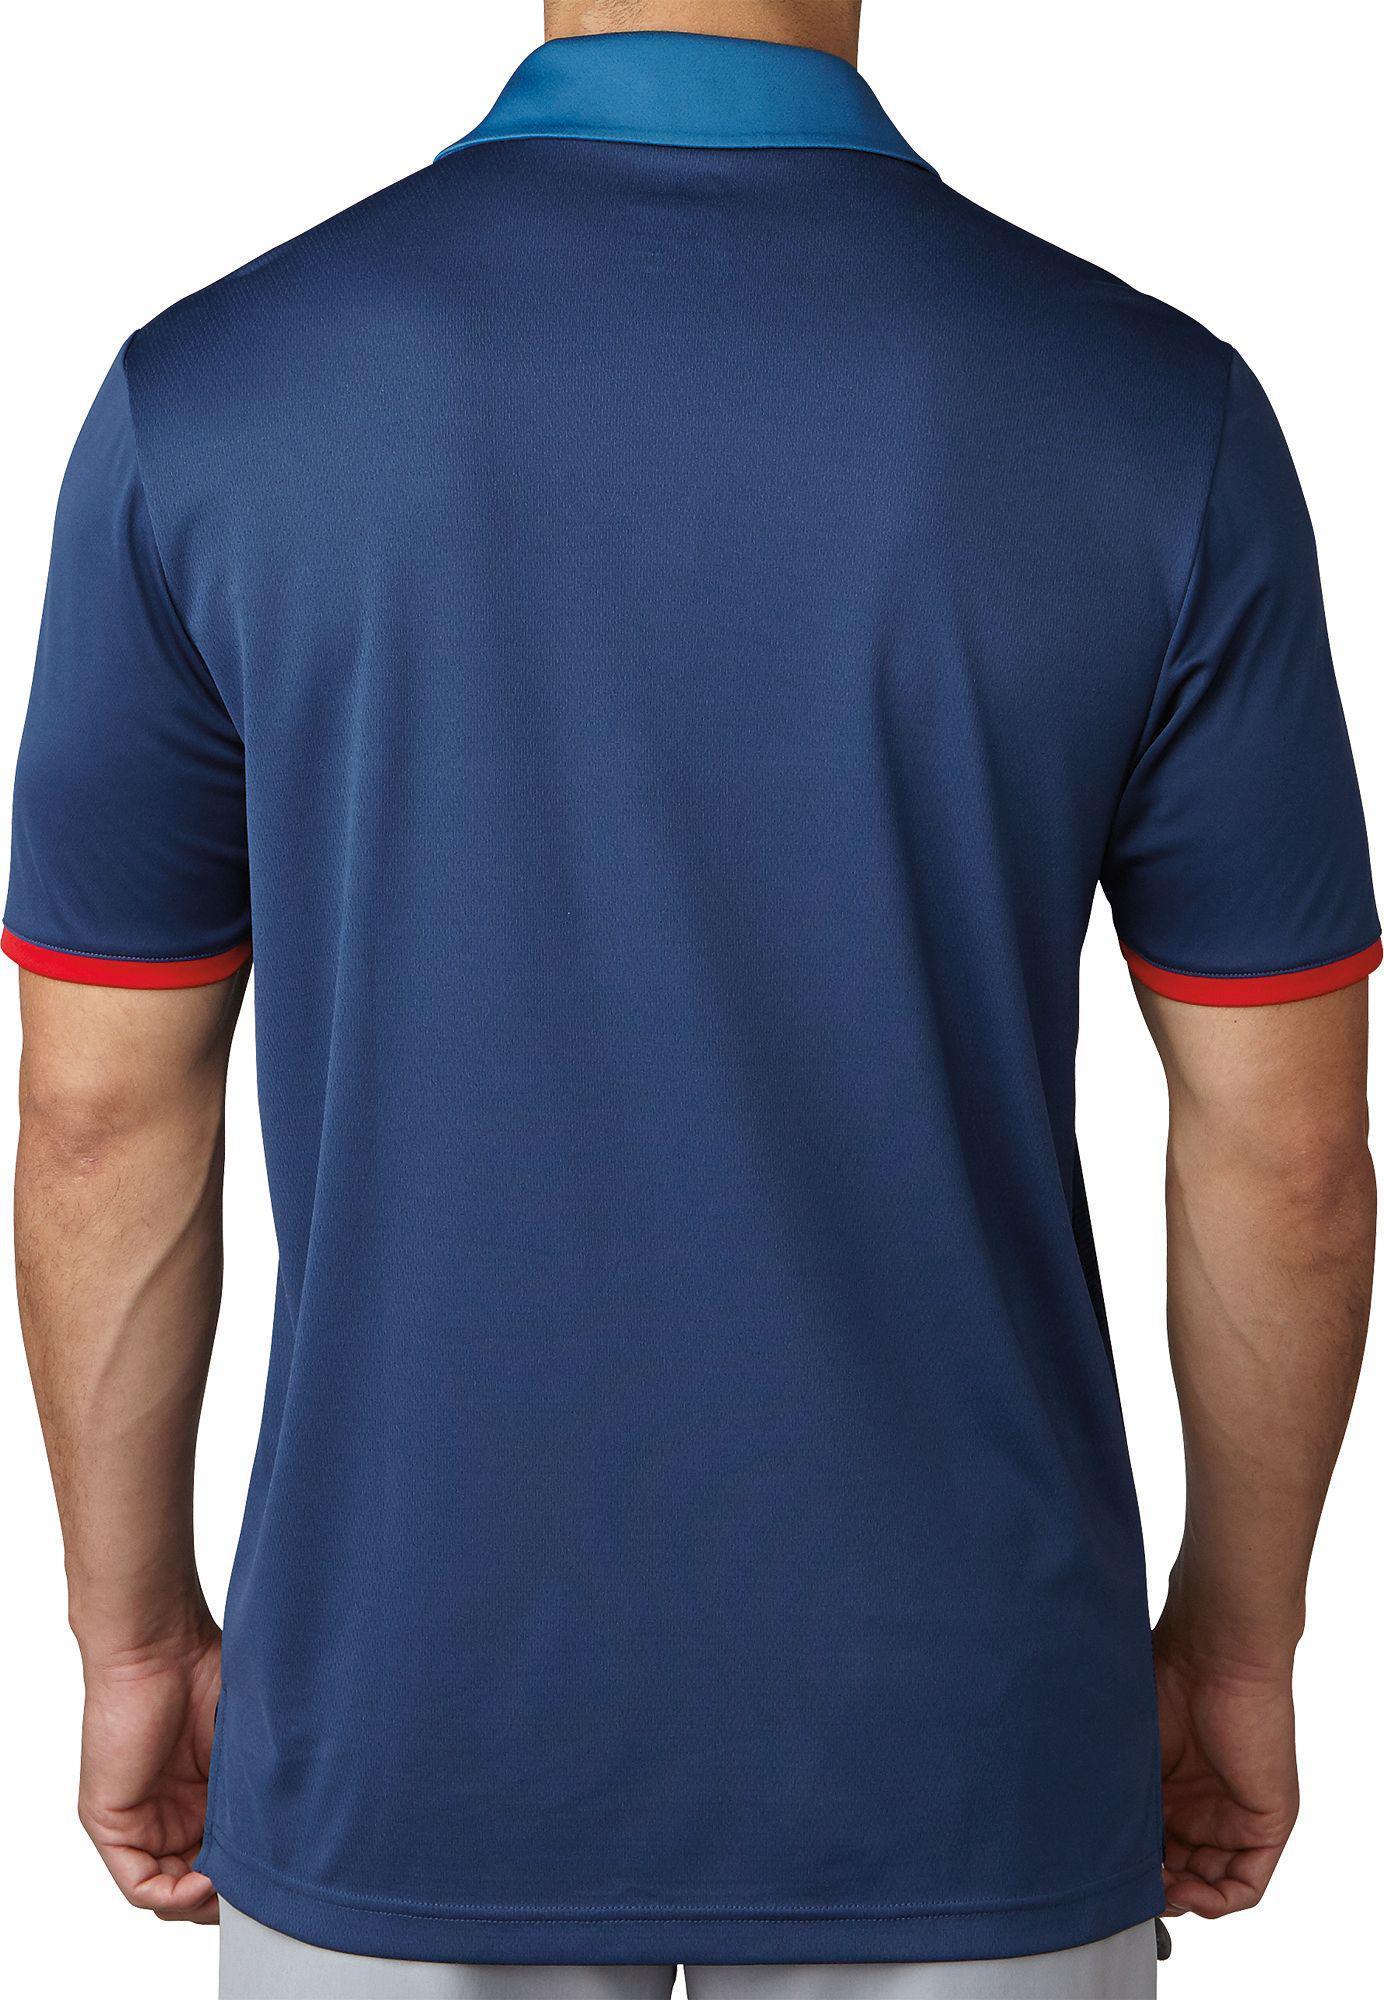 22764319 adidas Originals Climacool 2d Camo Stripe Golf Polo in Blue for Men ...